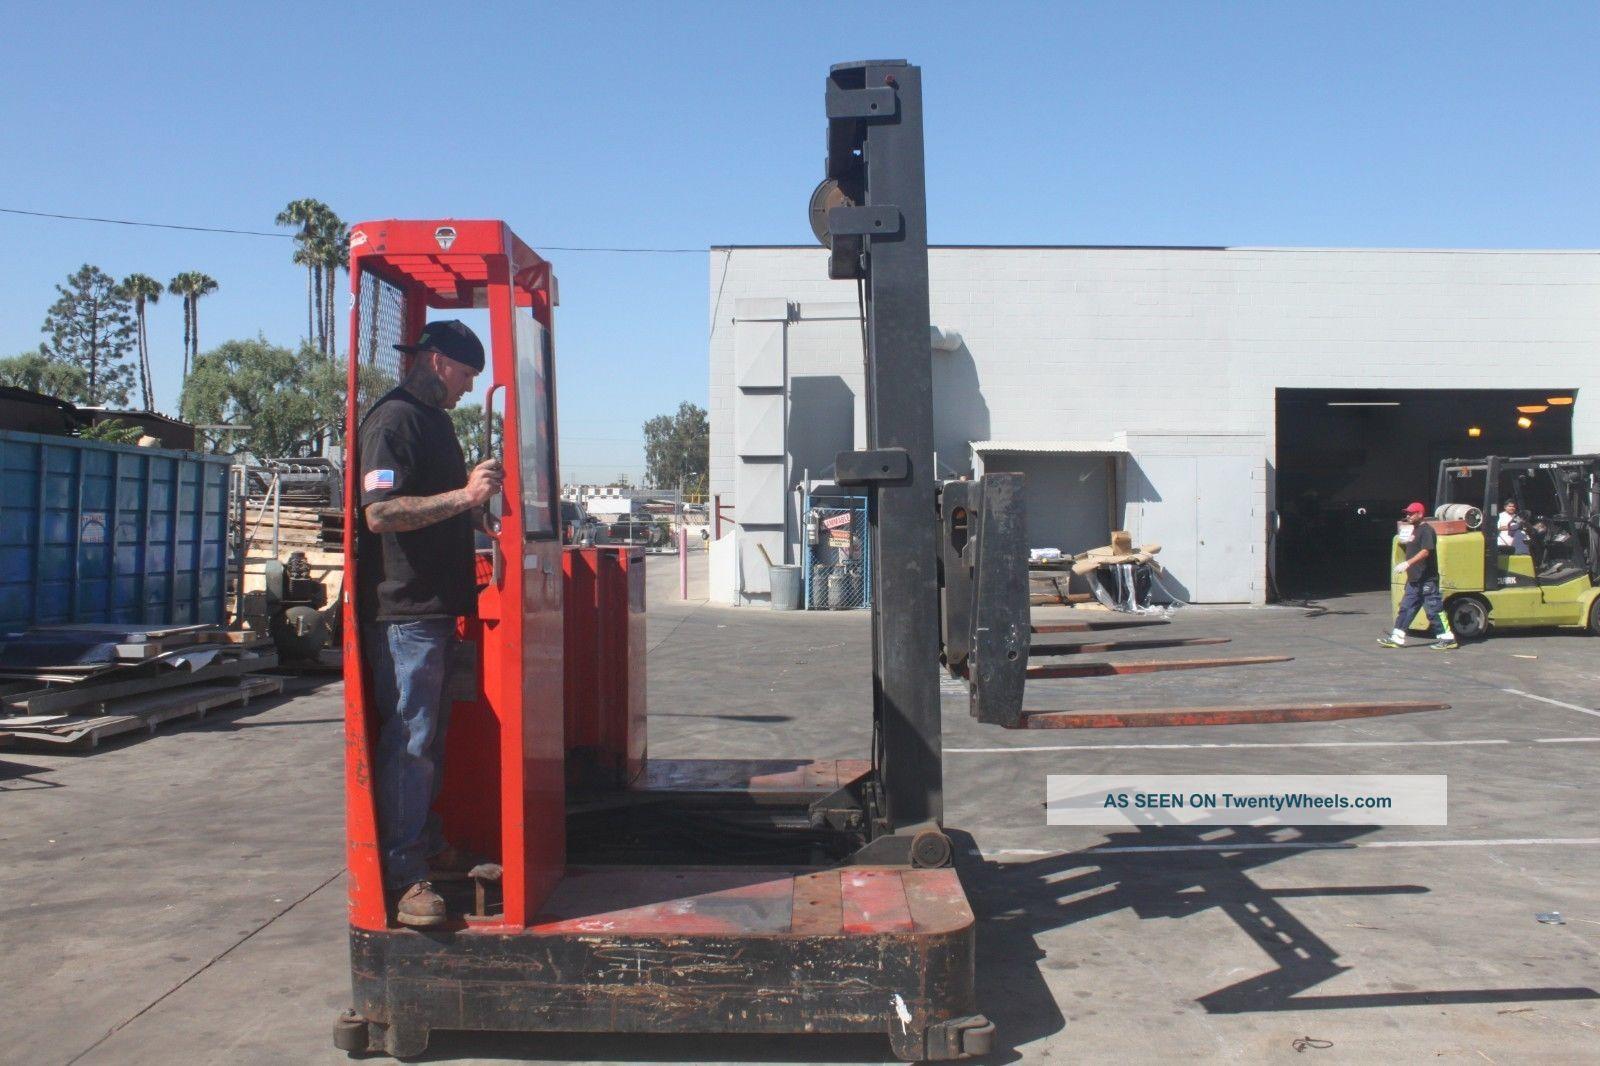 Raymond Side Loader Forklift With Charger Lgw on Komatsu Backhoe Loader